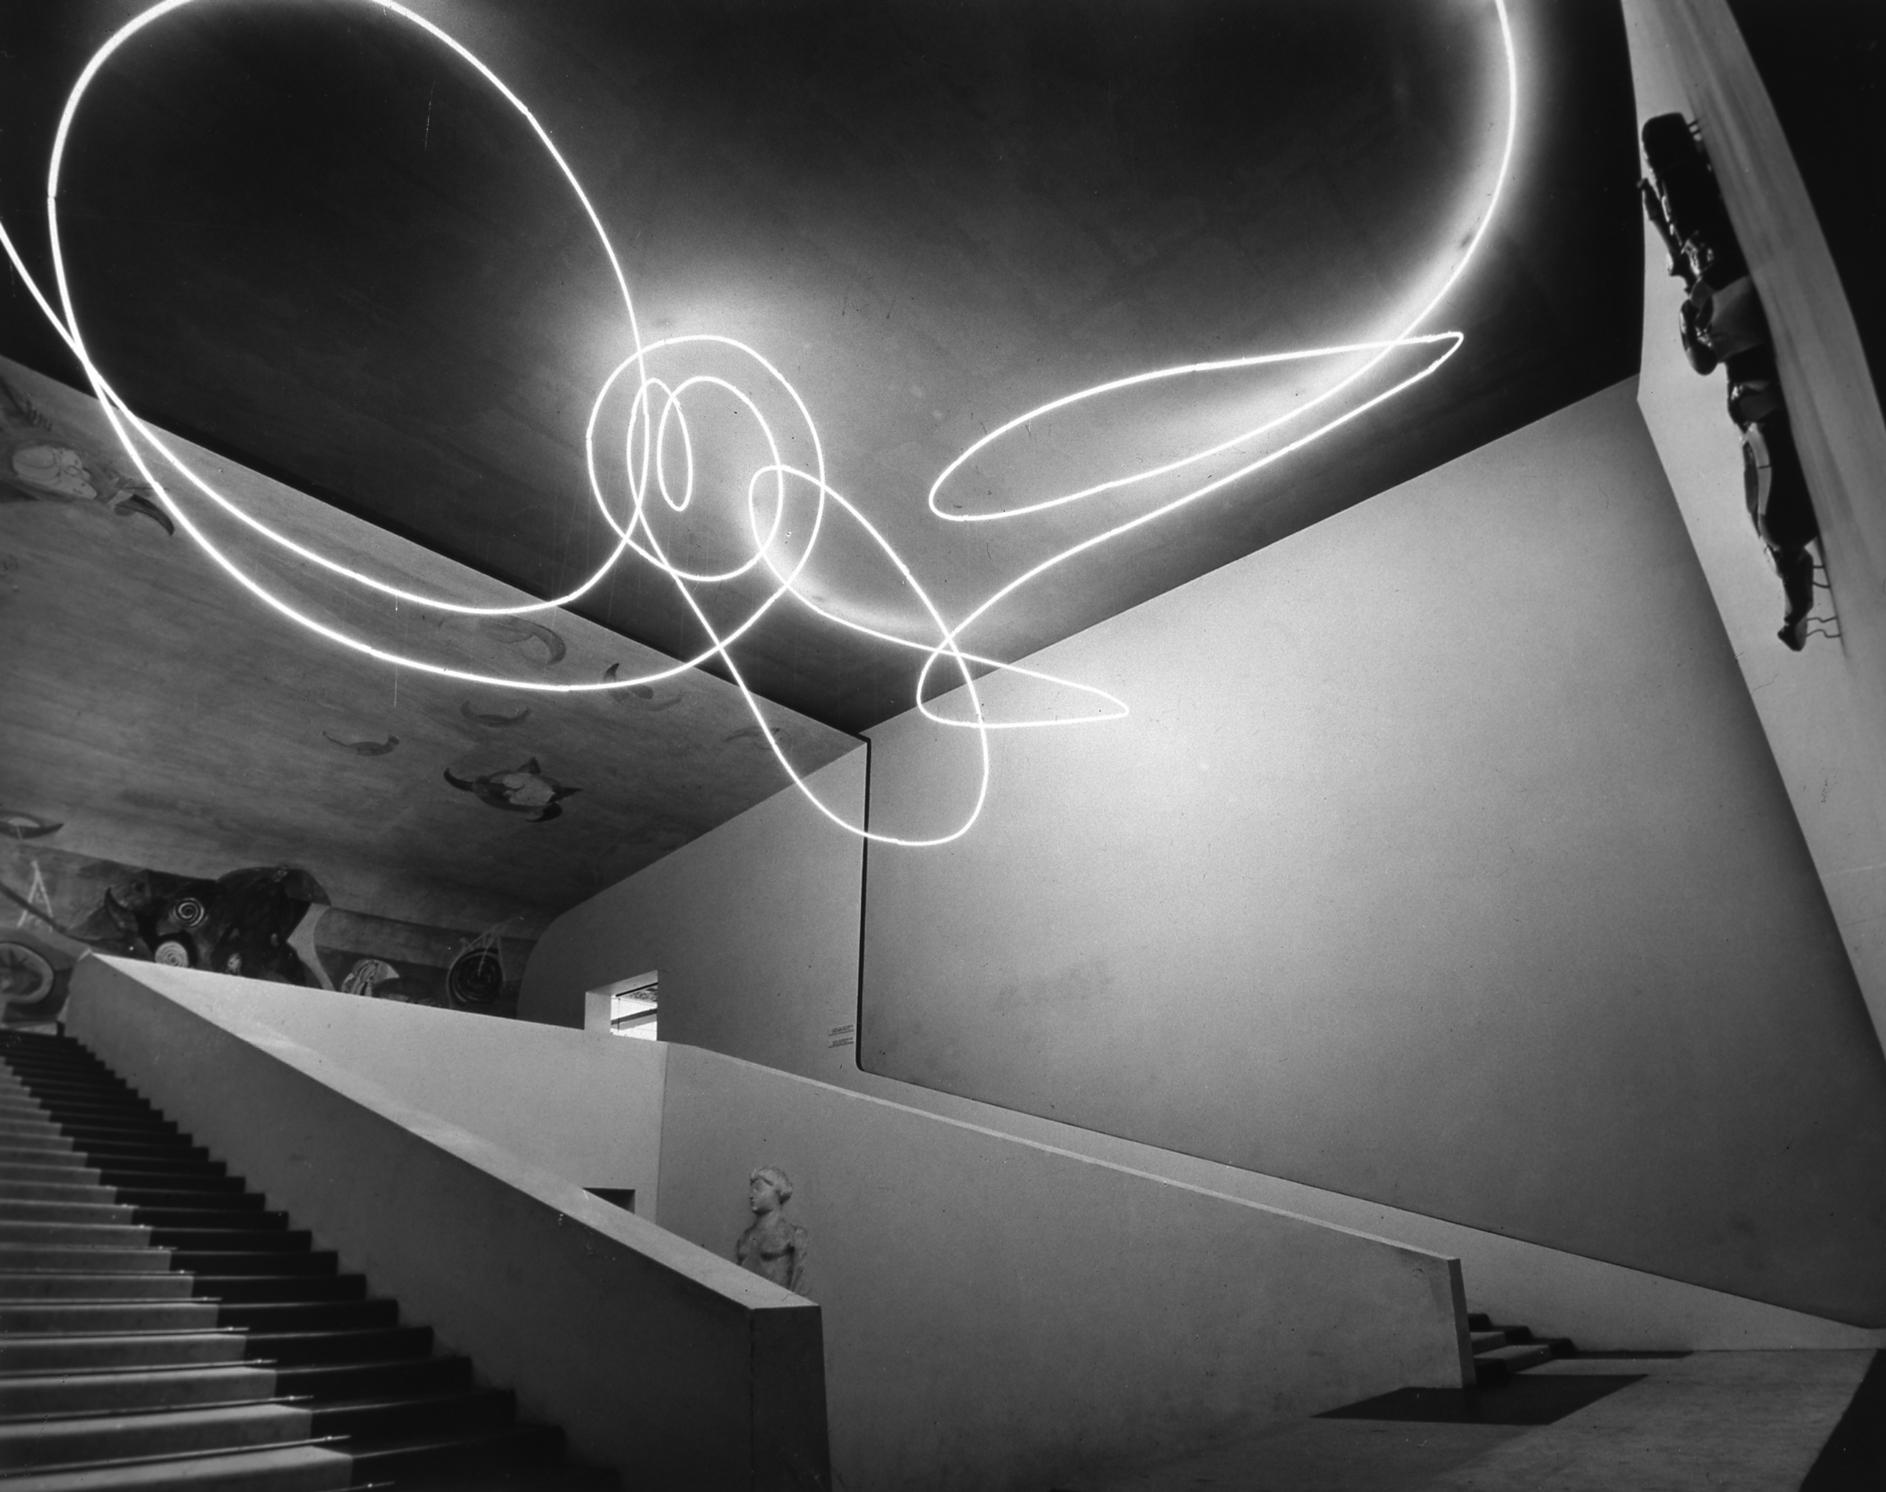 Lucio Fontana Struttura al neon per la IX Triennale di Milano, 1951 Tubo di cristallo con neon bianco © Fondazione Lucio Fontana, Milano